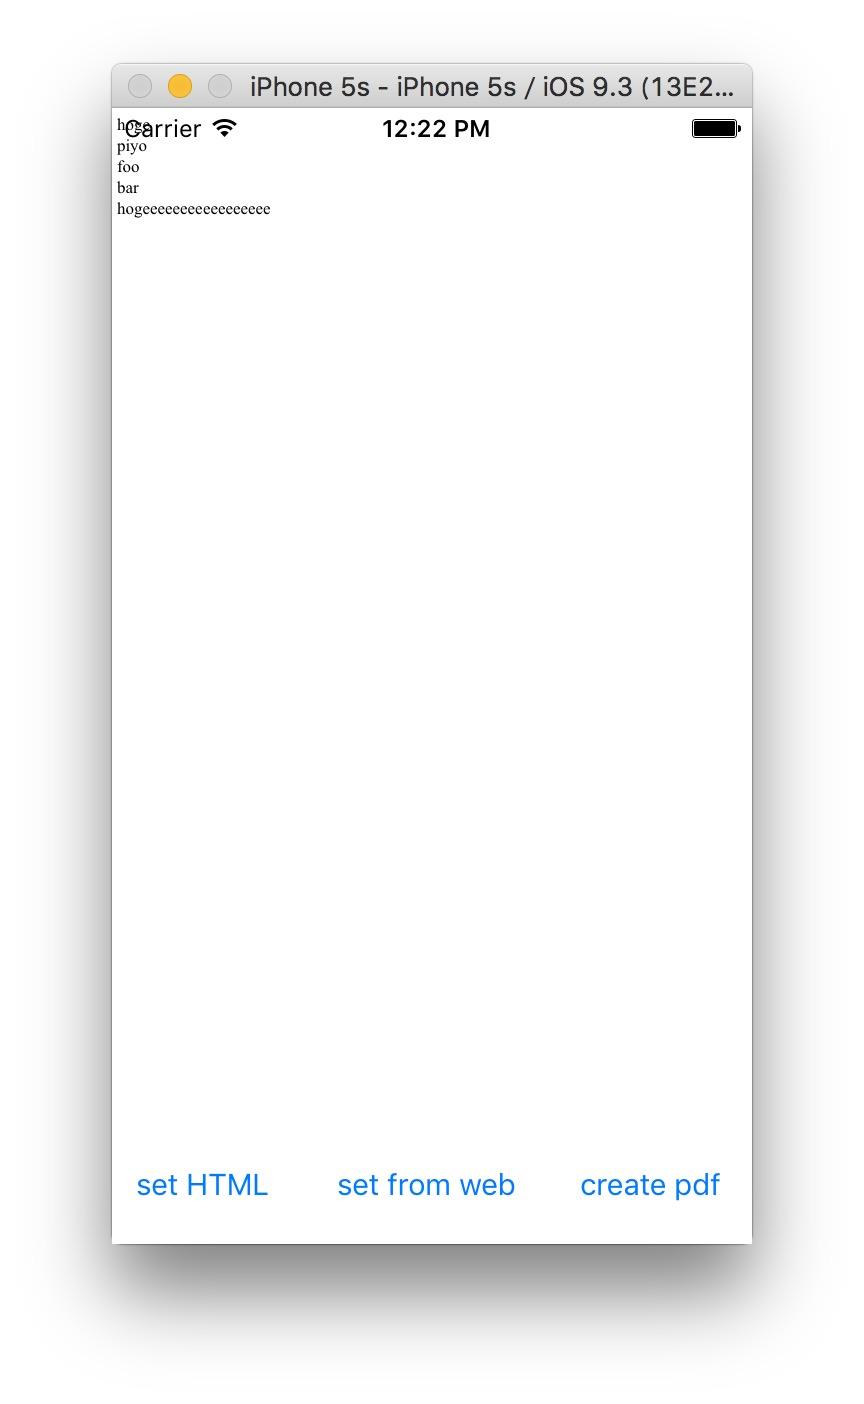 スクリーンショット 2016-05-19 12.22.14.jpg